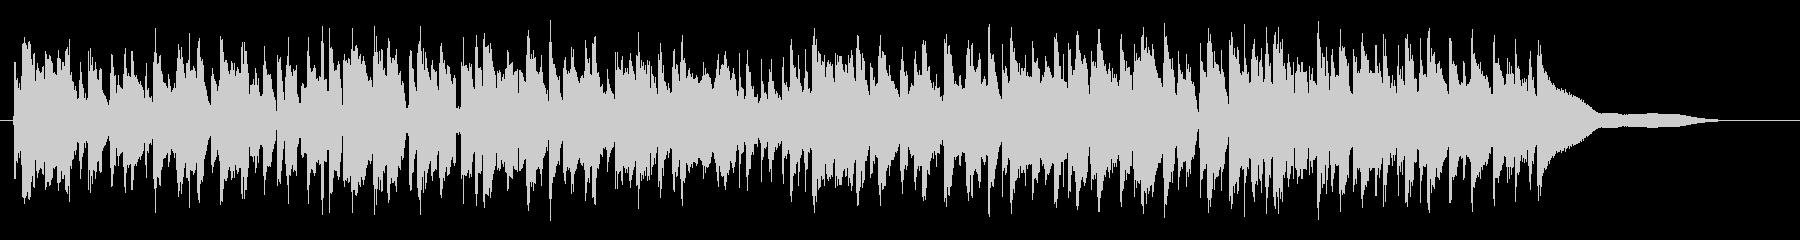 弾むシンクロしたフルートの未再生の波形